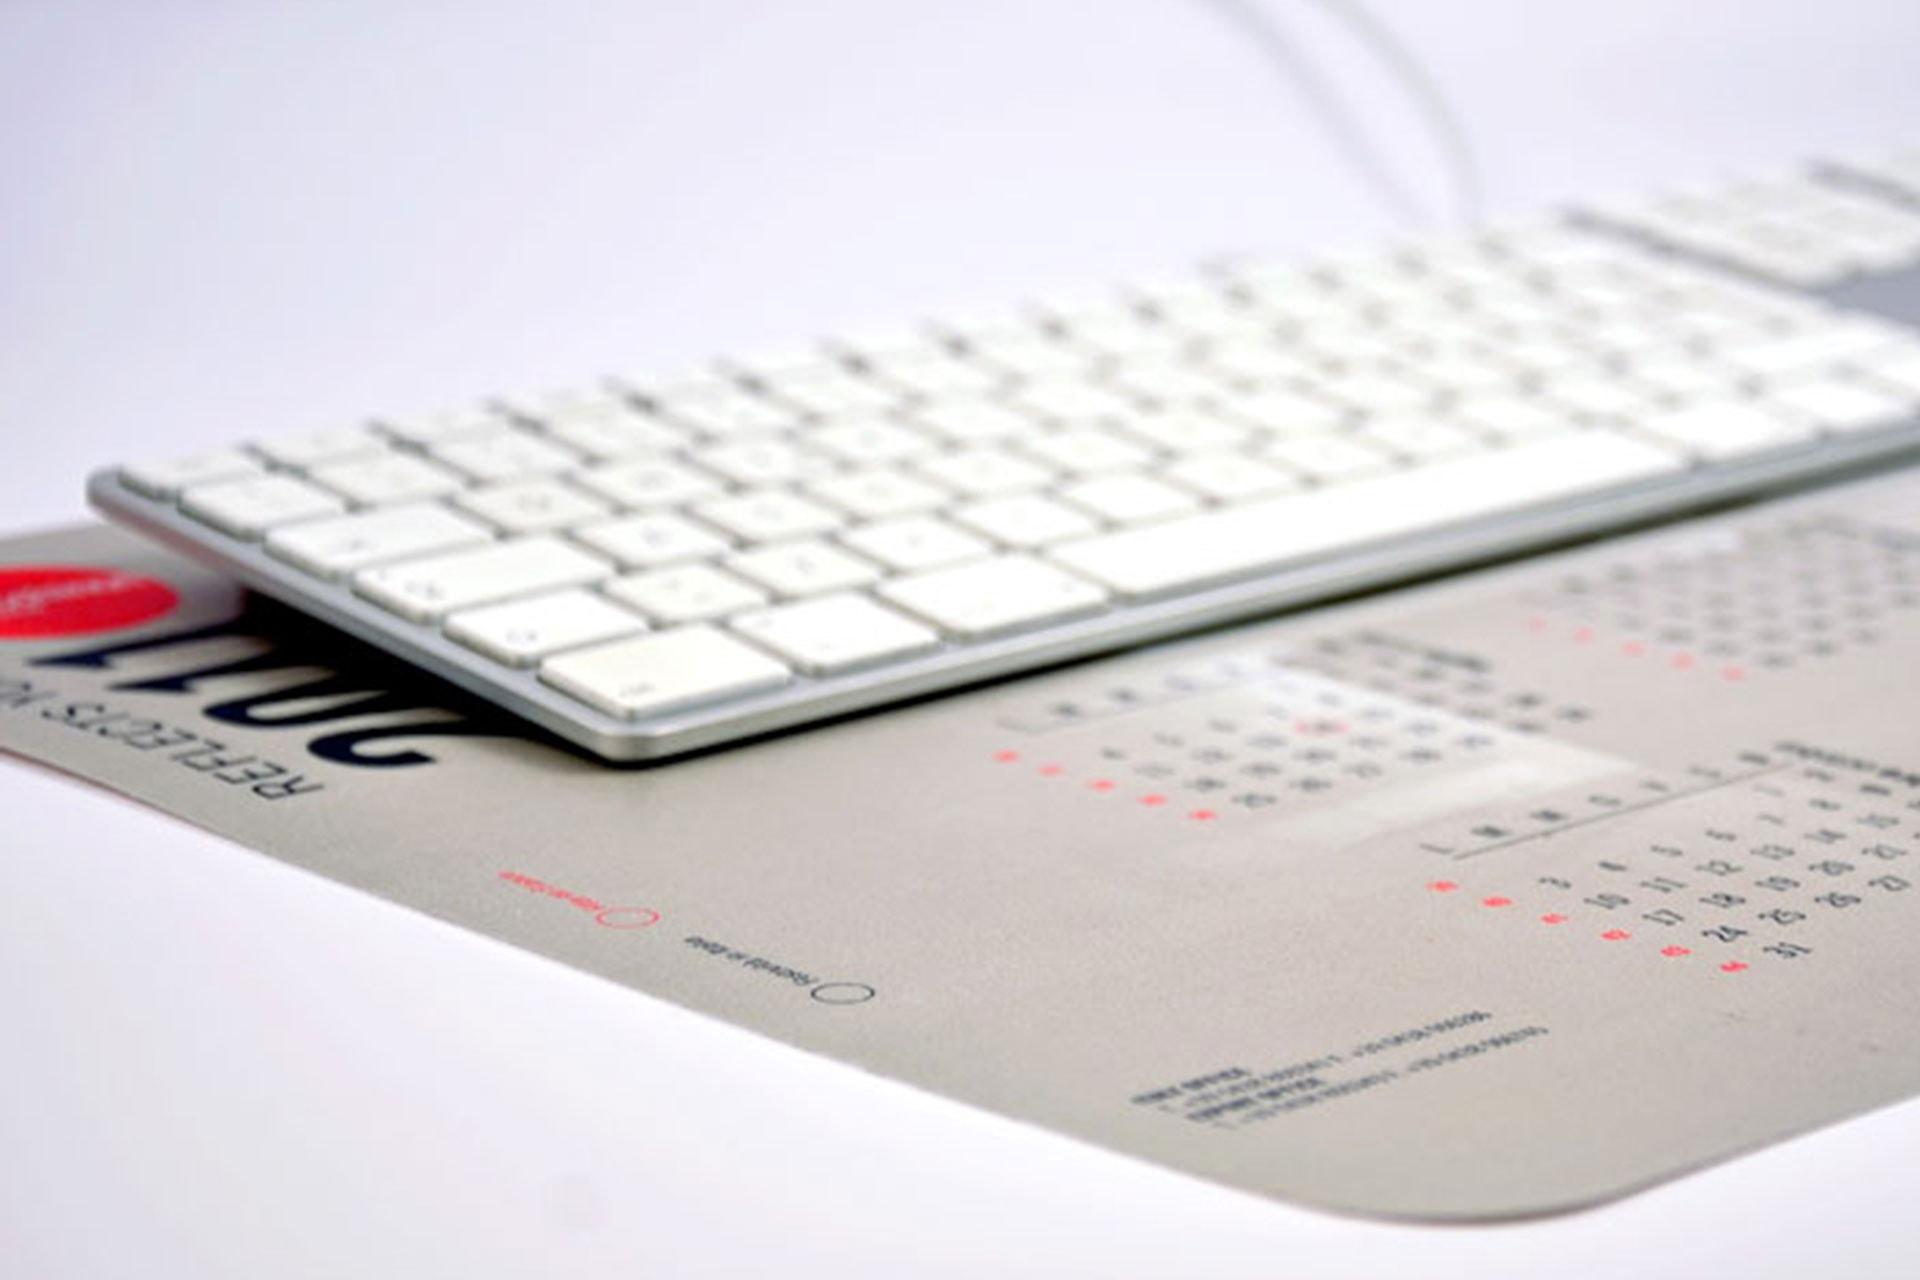 Sottomano da scrivania con calendario